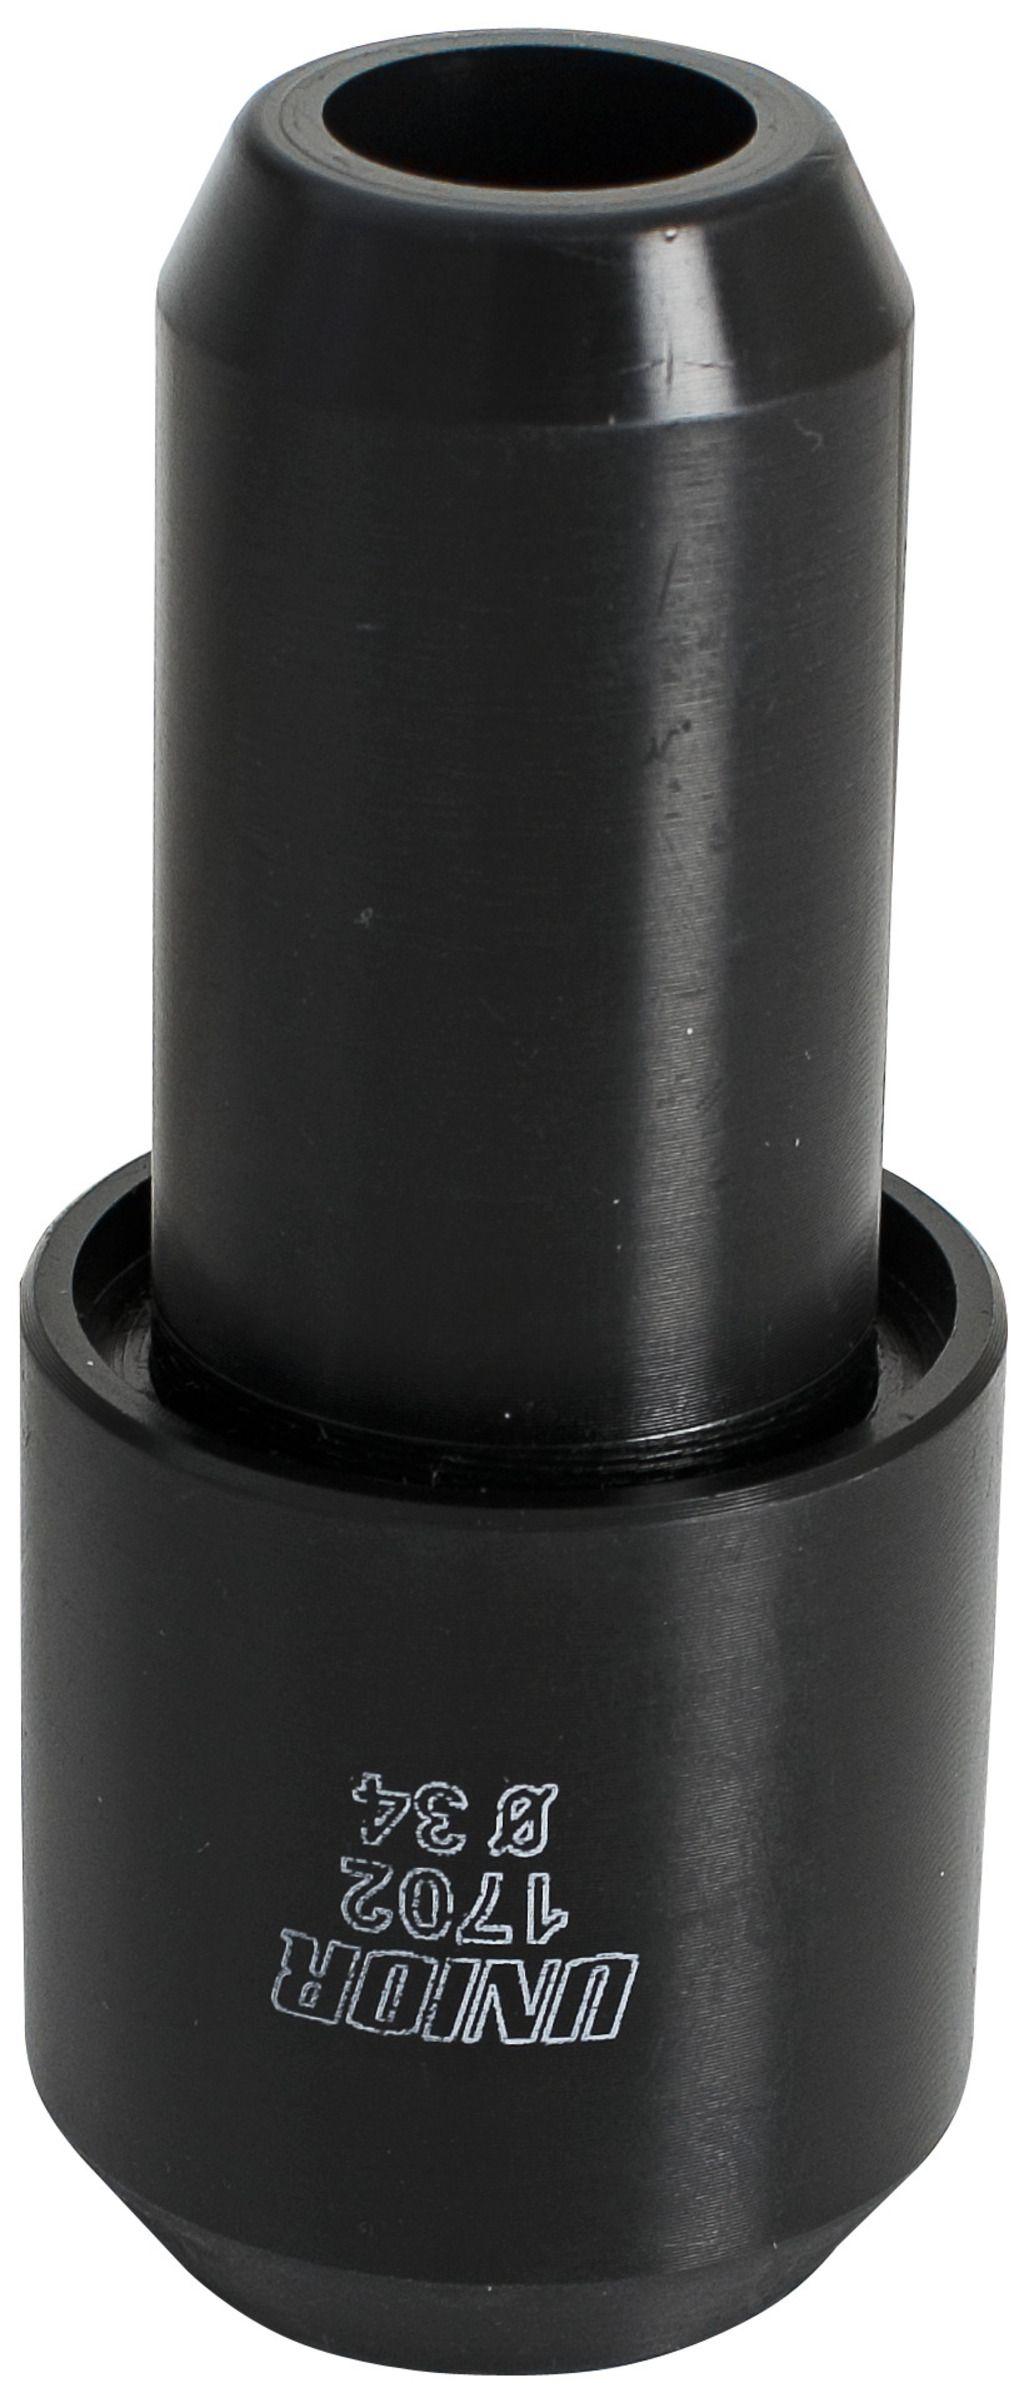 Unior Fork Seal Installation Tool 1702 35/36mm - 40mm | Gafler